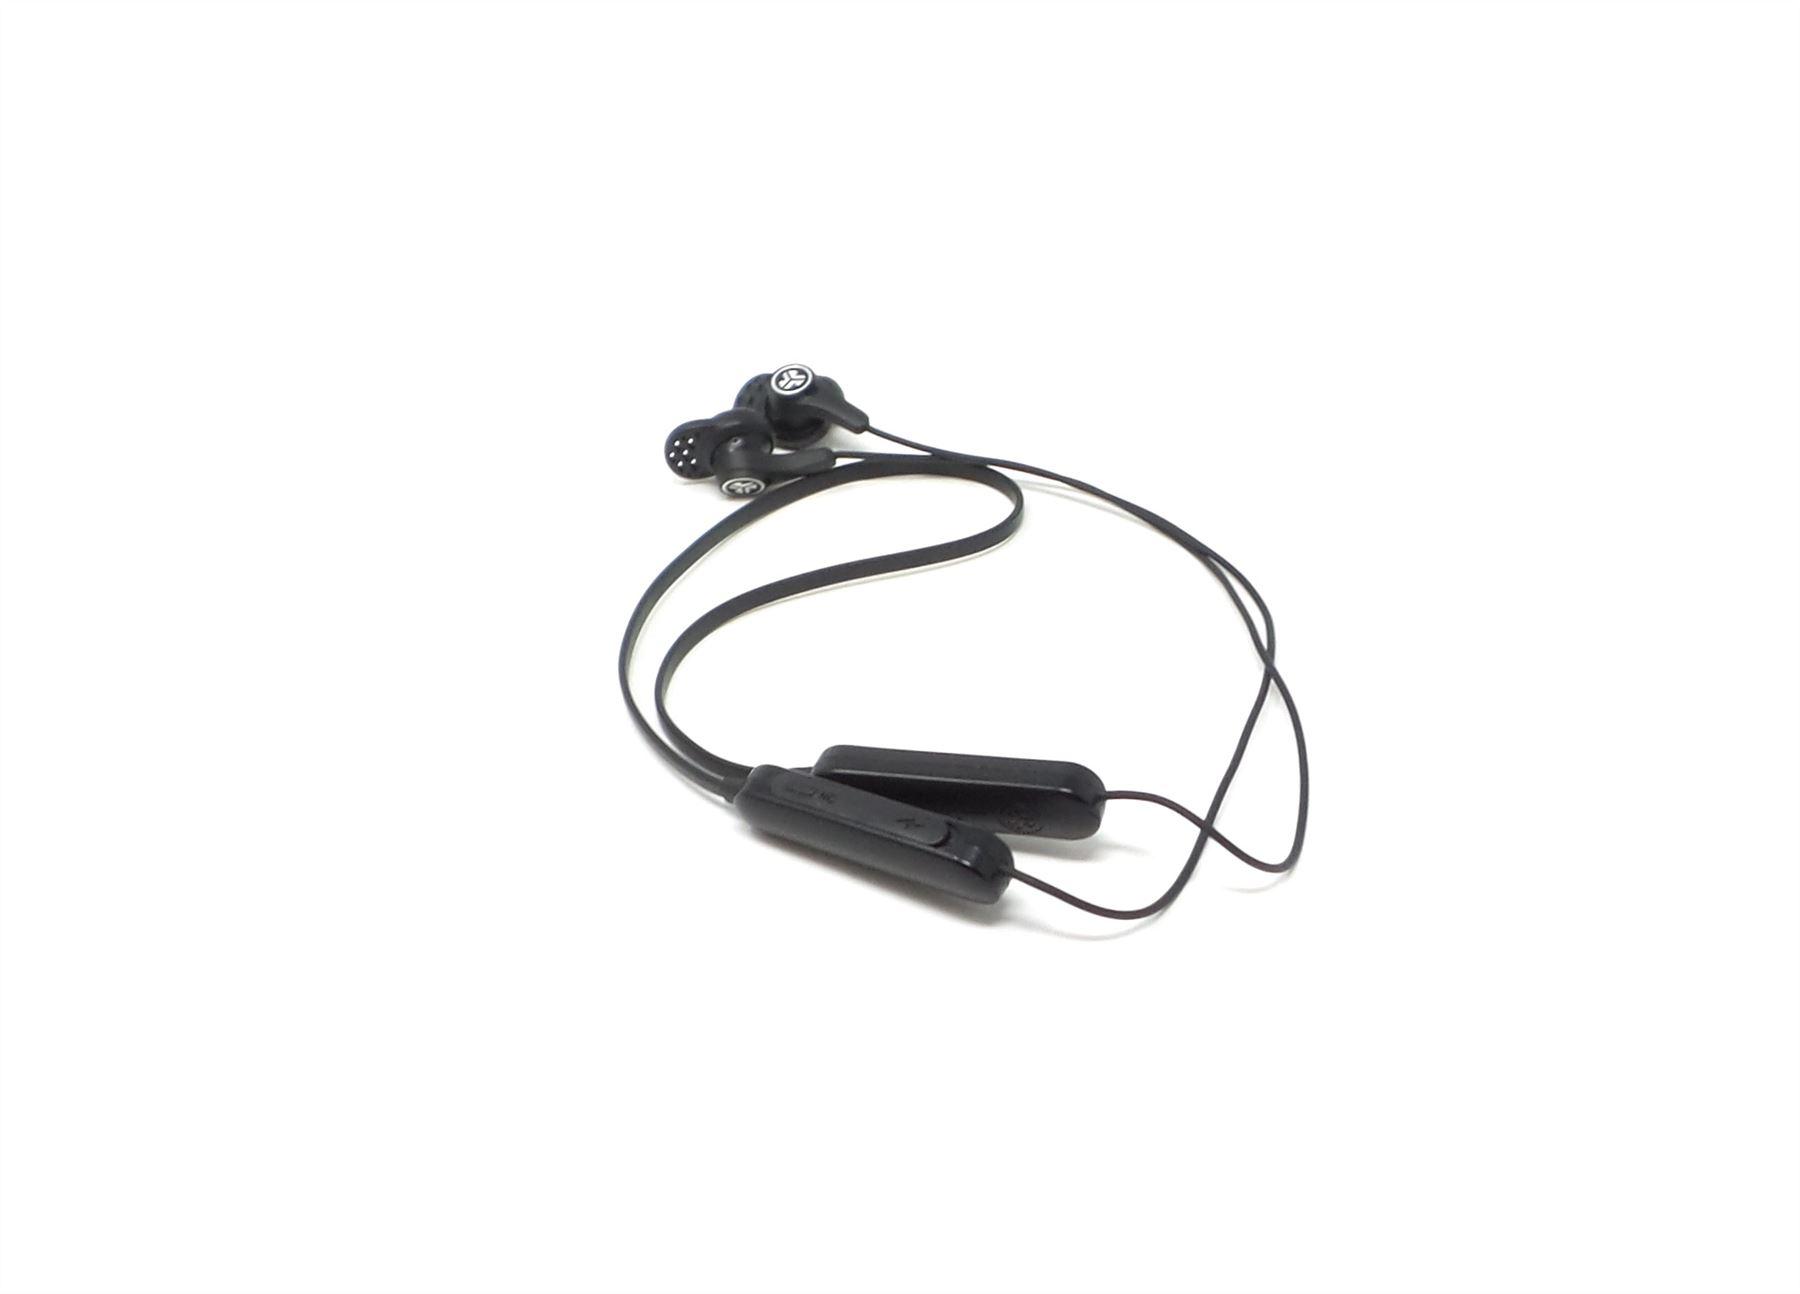 Jlab Audio Fit Bluetooth Wireless Sport In-Ear Headset